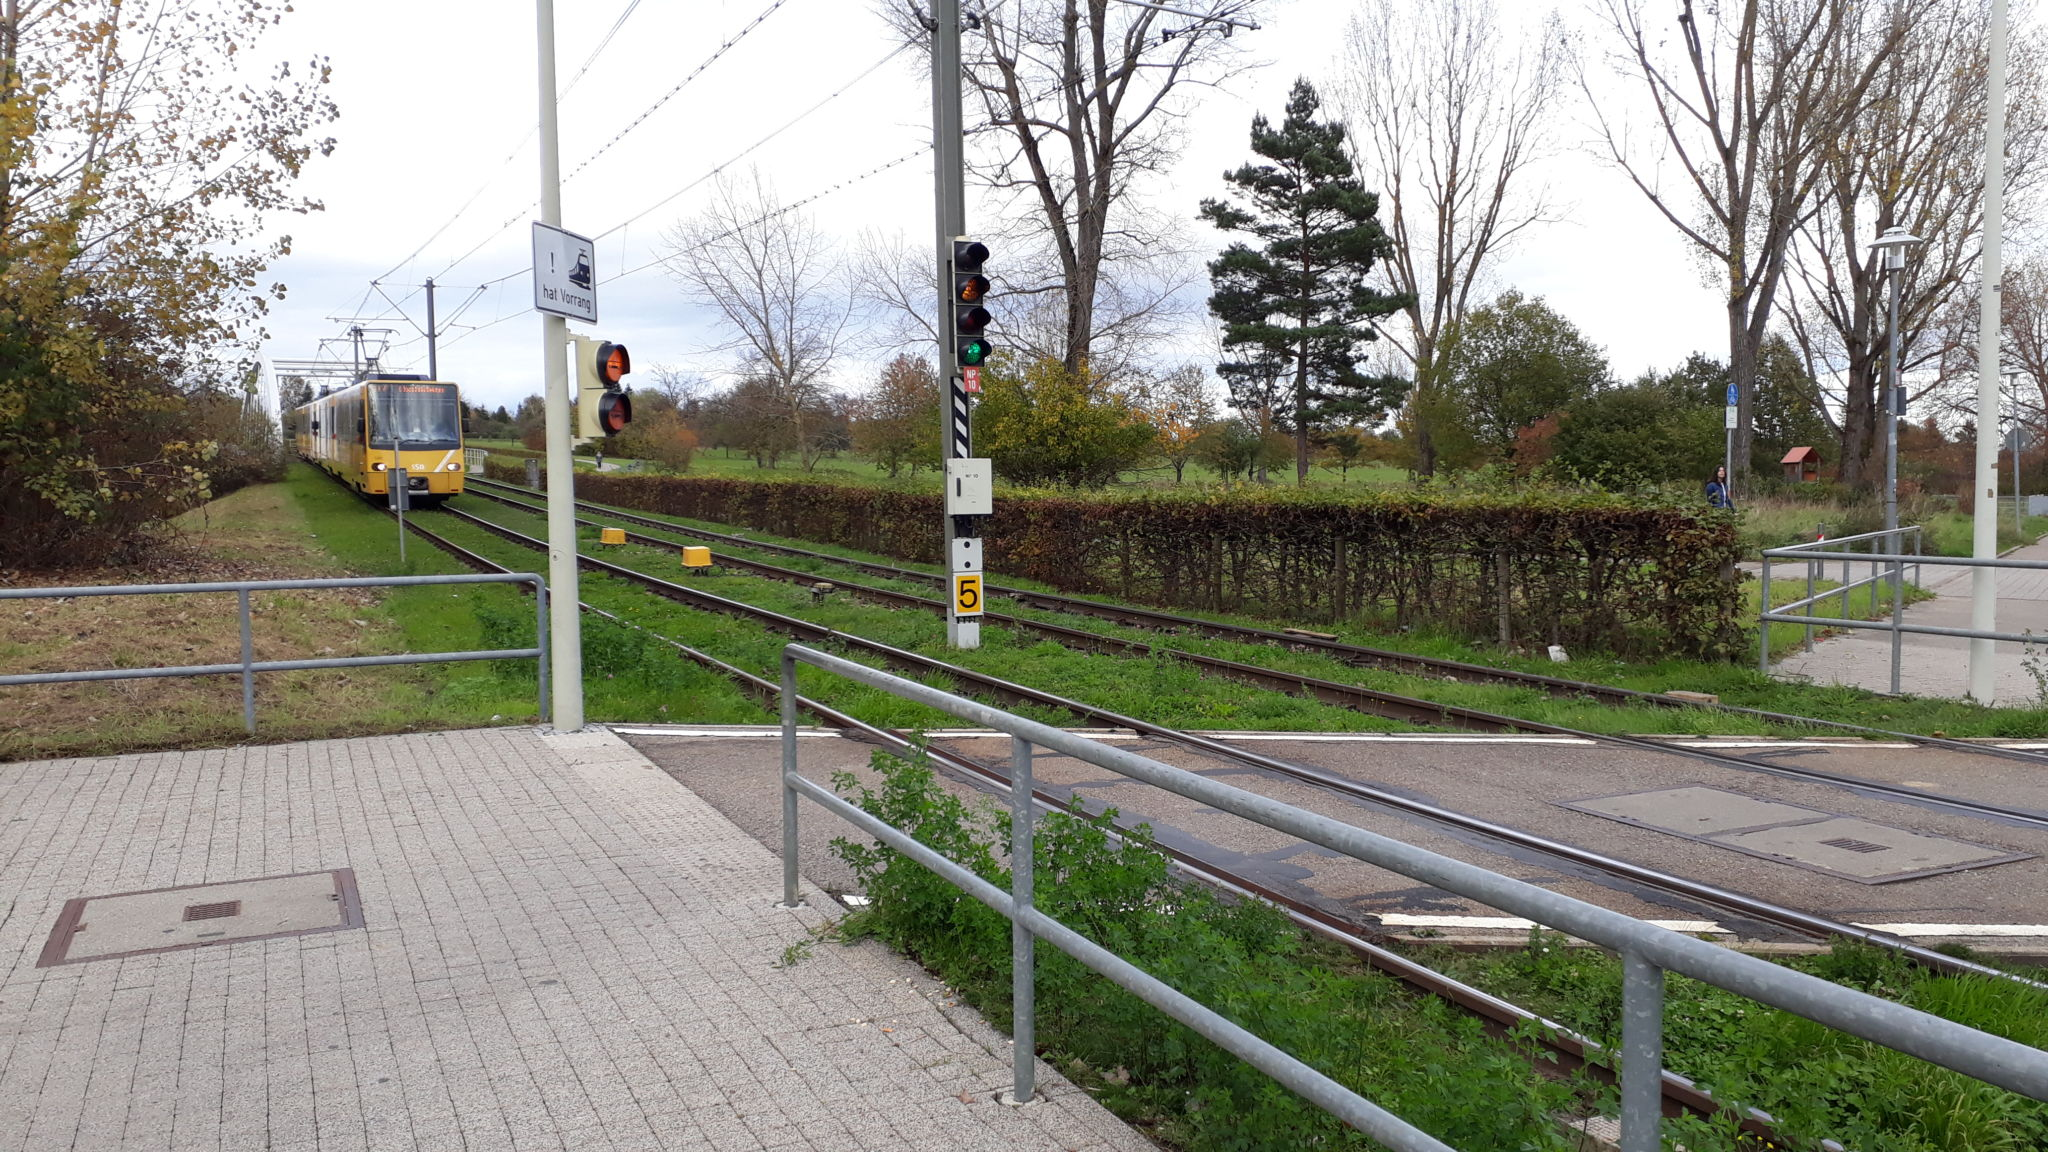 Stadtbahnhaltestelle Scharnhauser Park U7 / U8, Scharnhauser Park